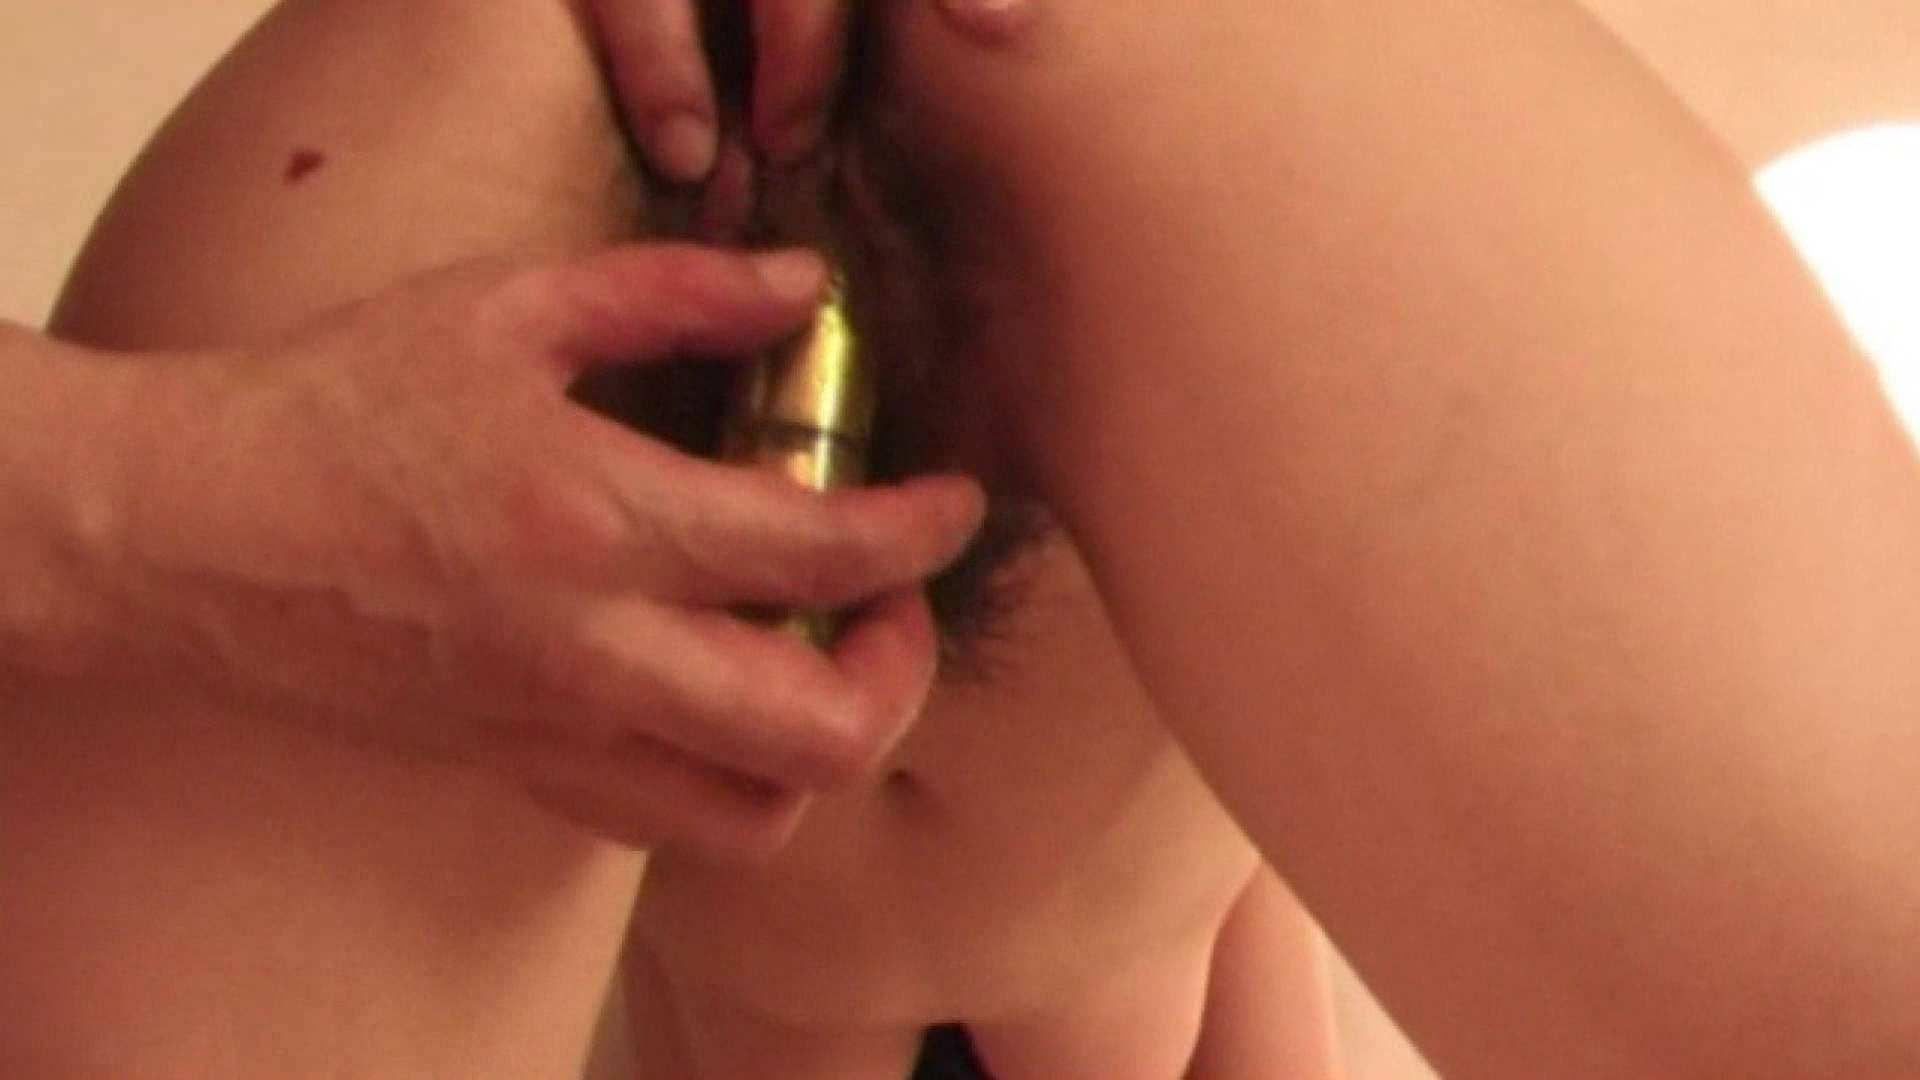 美女だらけのプライベートSEXvol.18前編 モデル おまんこ動画流出 112pic 103